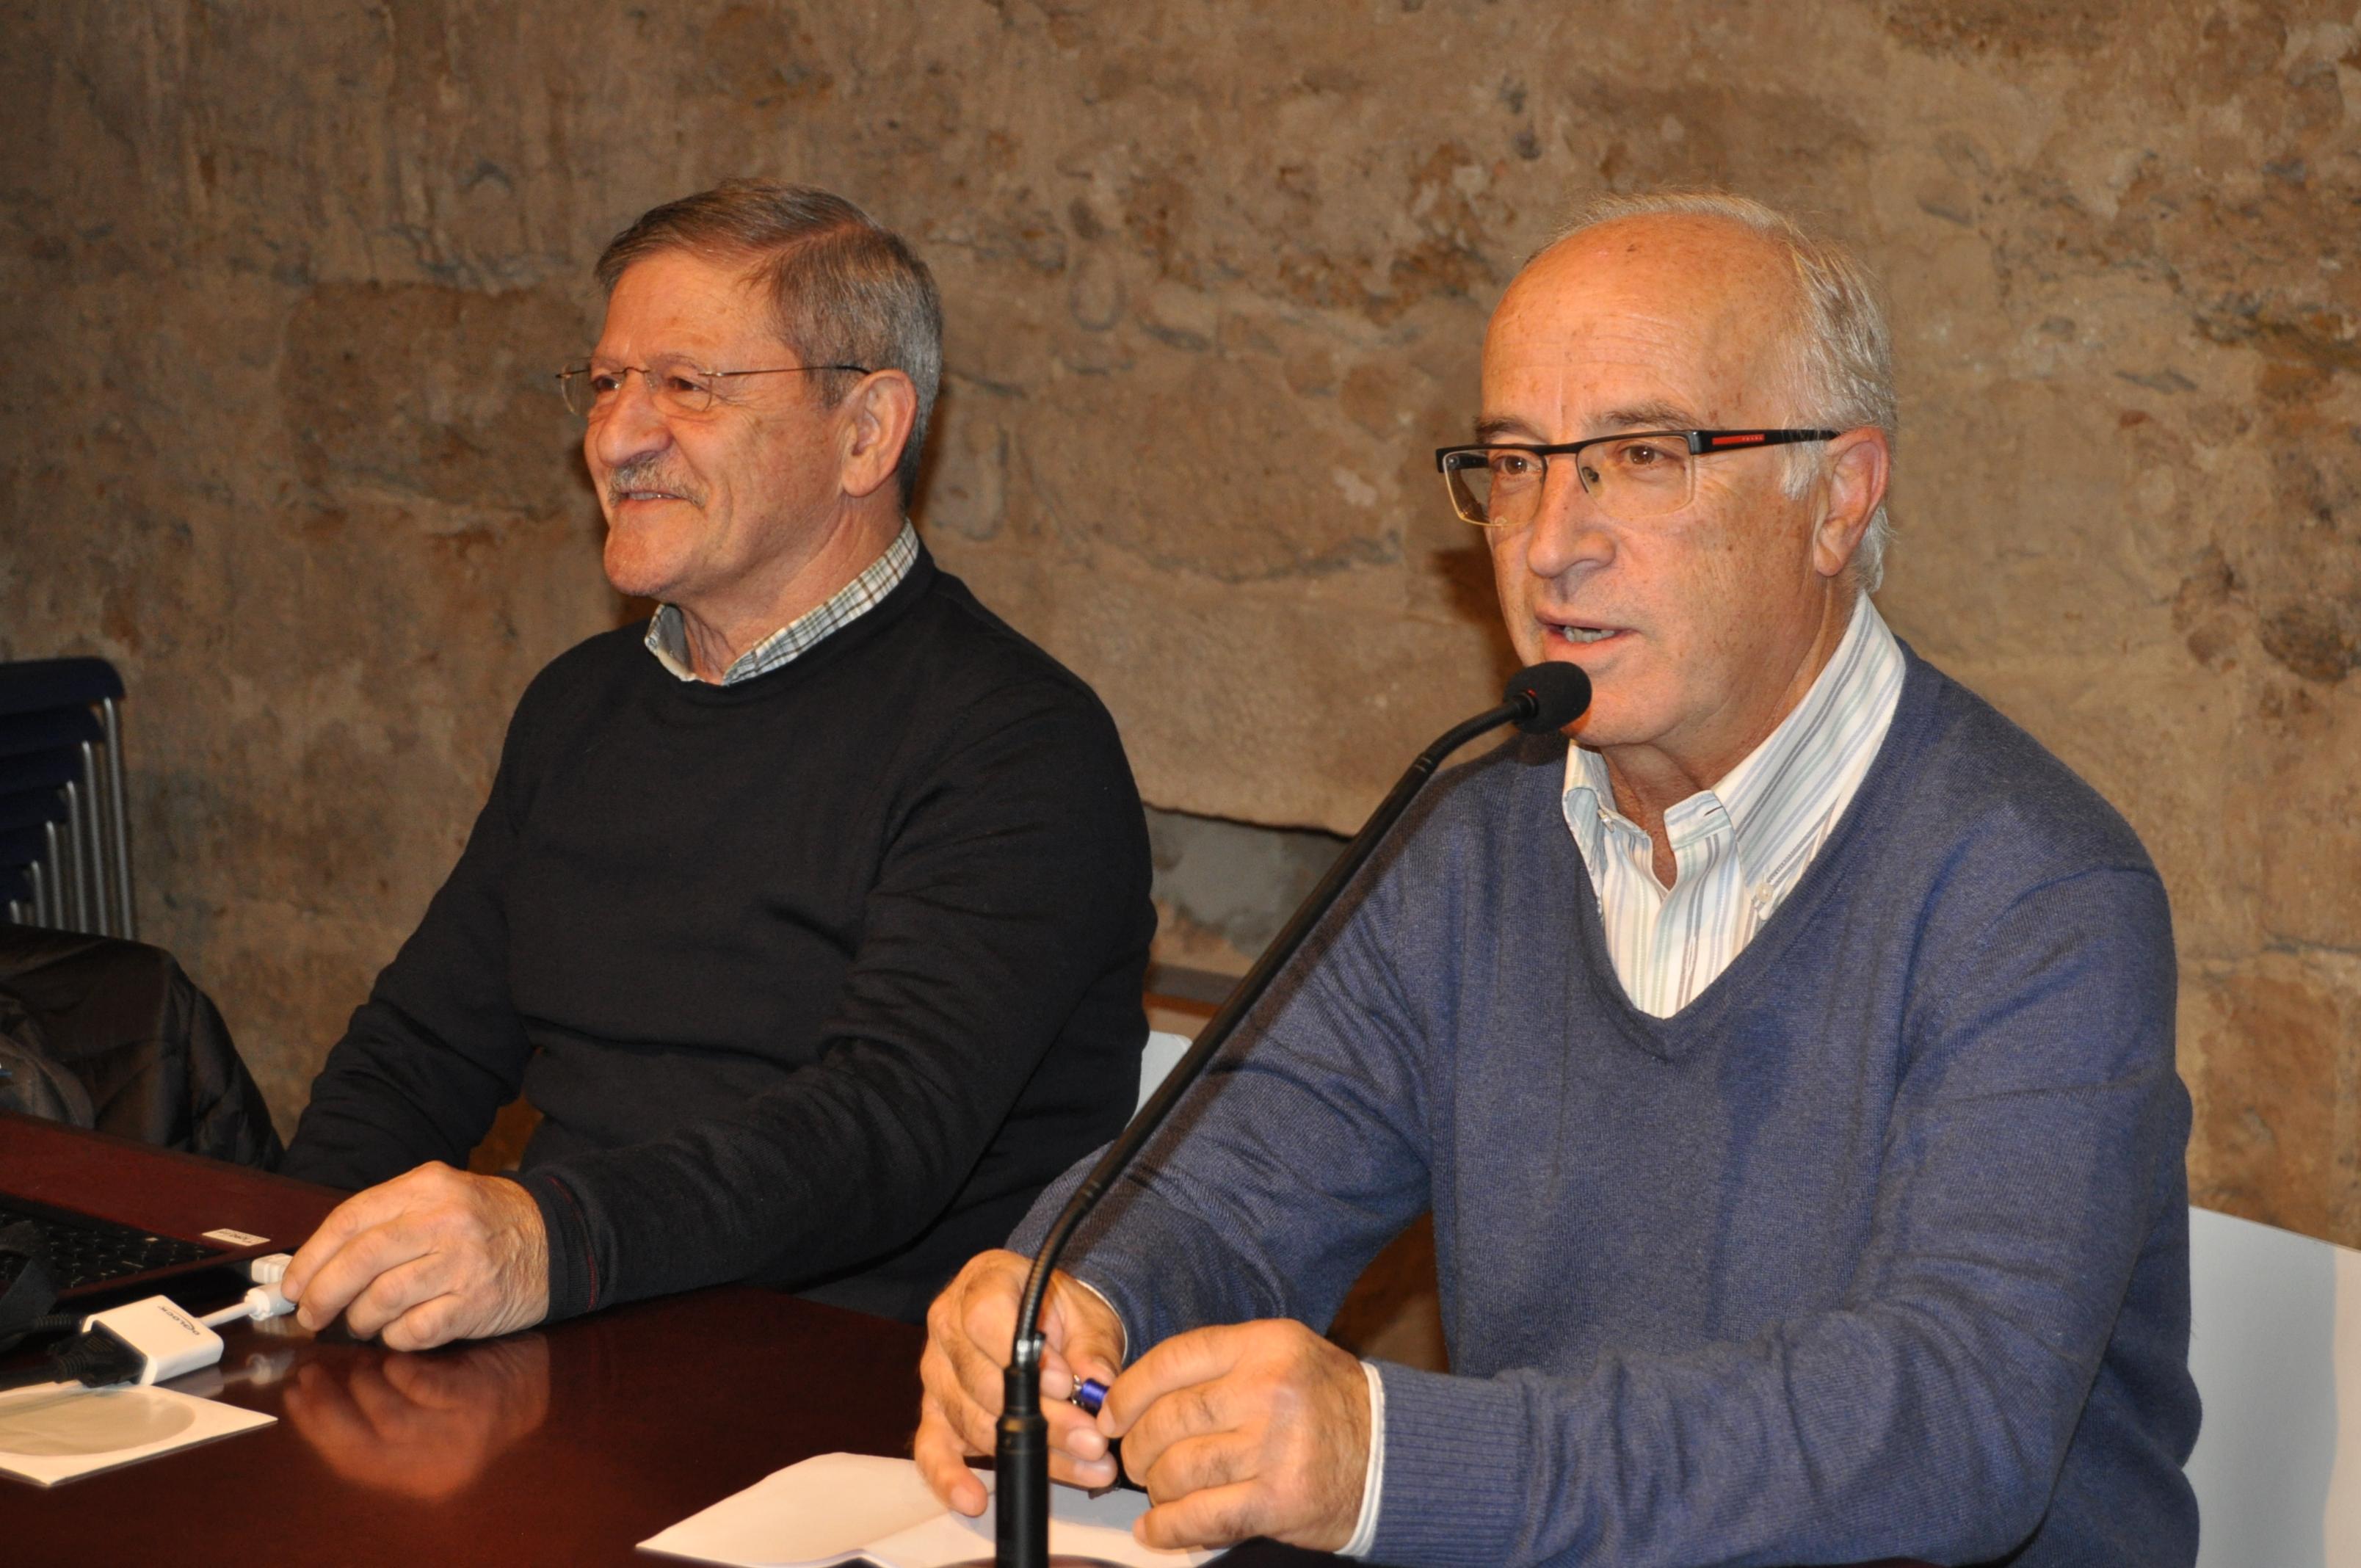 Anselmo Reguera presenta al conferenciante.